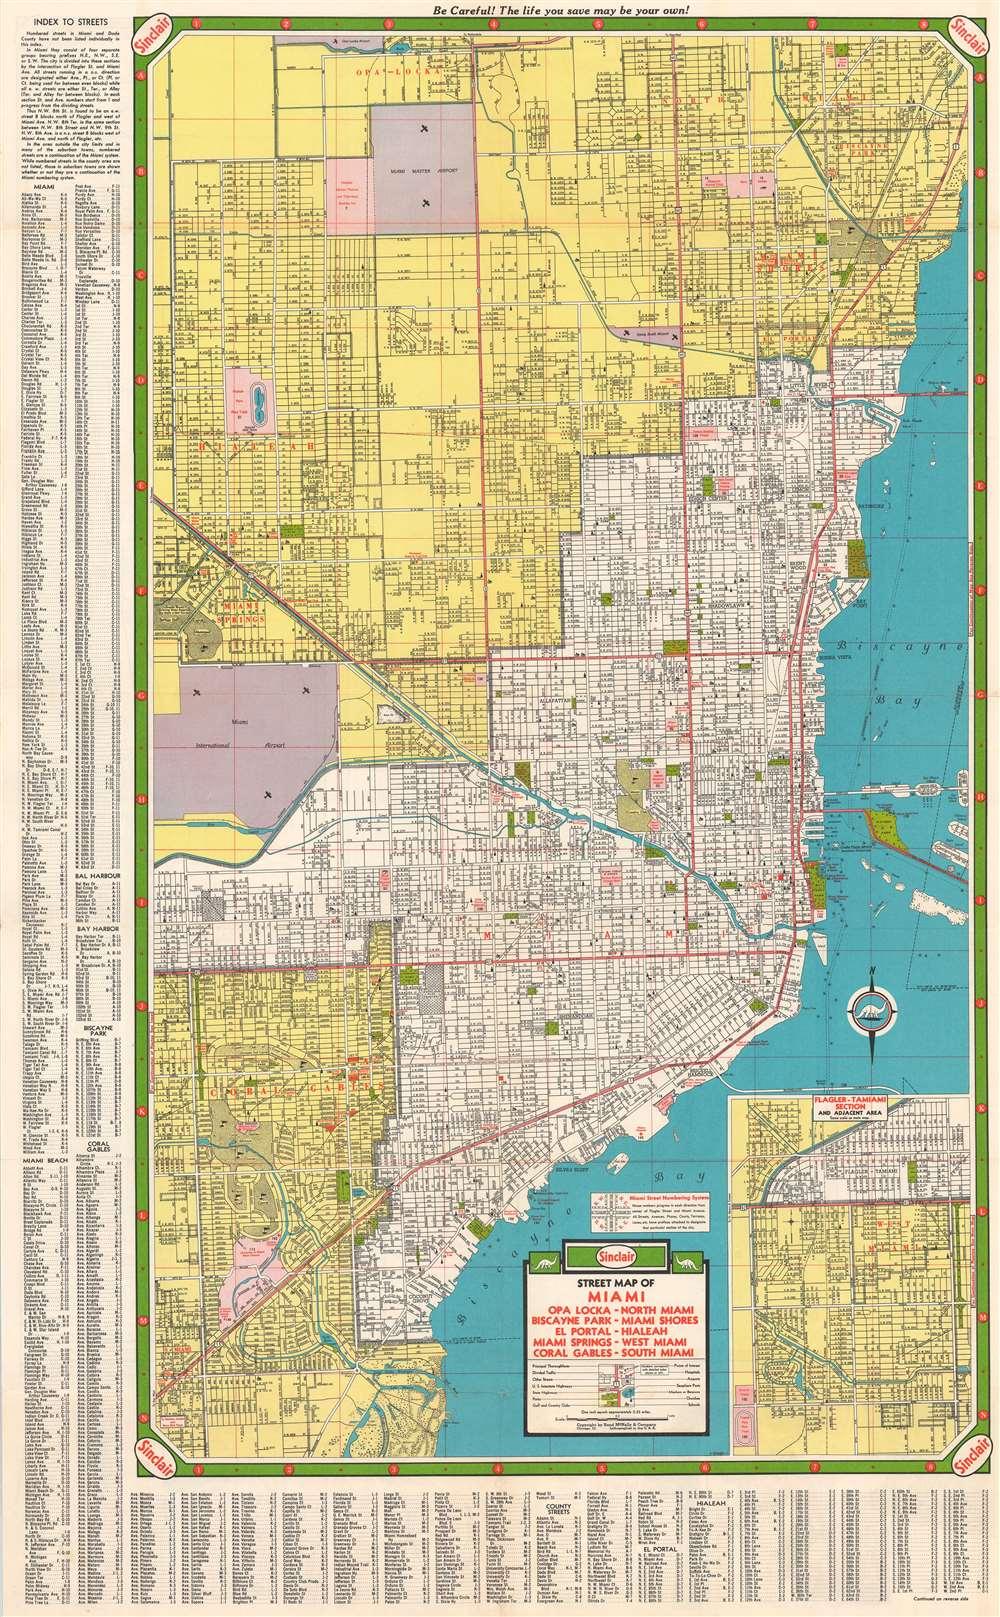 Sinclair Street Map of Miami - Opa Locka - North Miami - Biscayne Park - Miami Shores - El Portal - Hialeah - Miami Springs - West Miami - Coral Gables - South Miami. - Main View